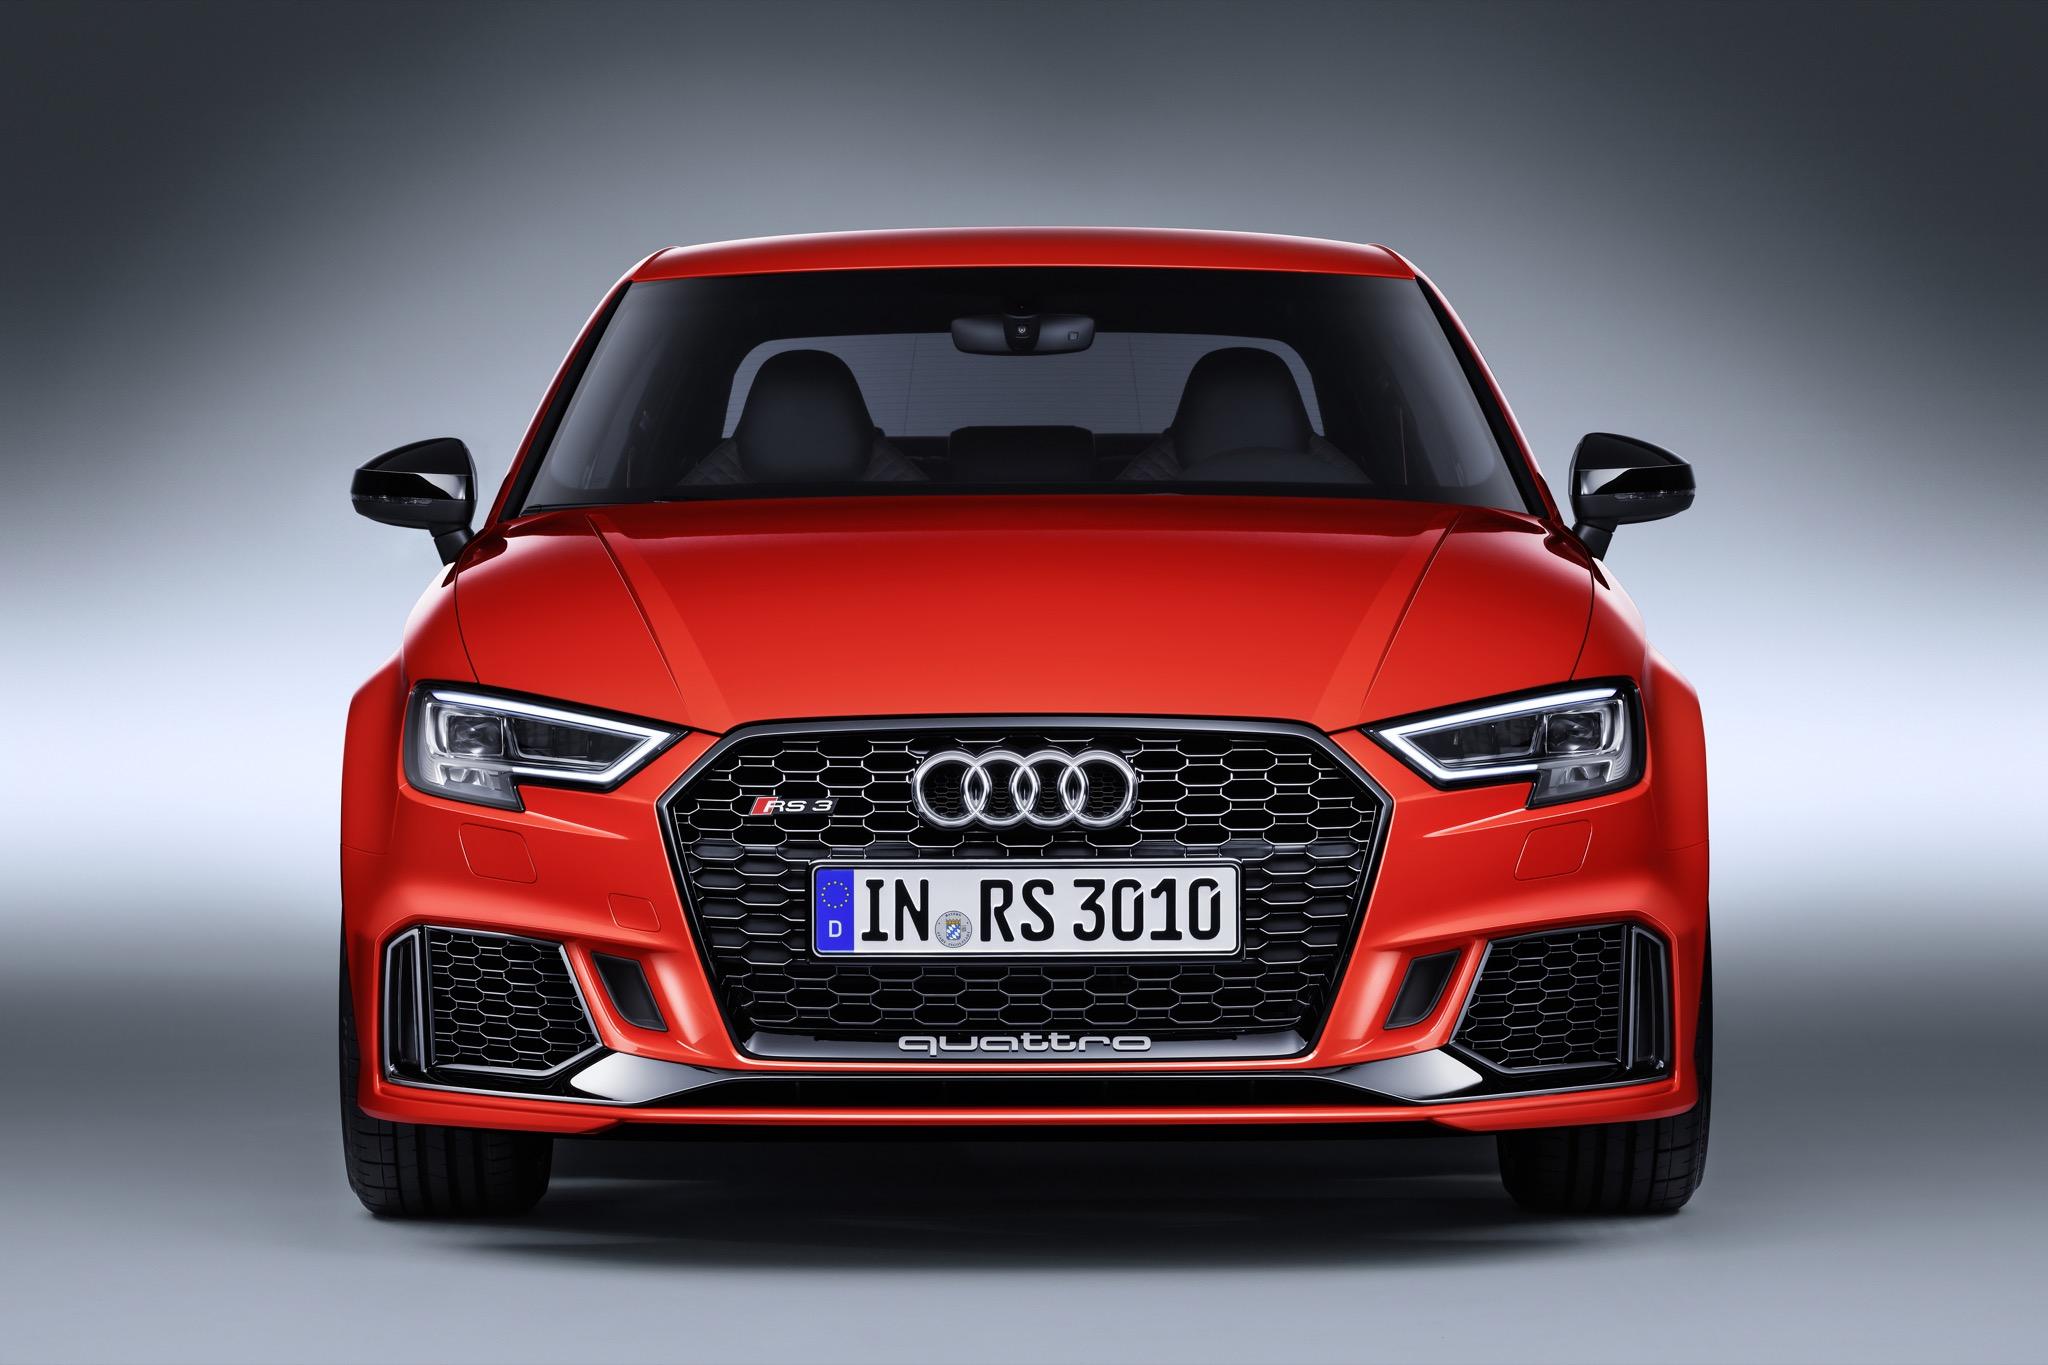 http://www.evocars-magazin.de/wp-content/uploads/2016/09/Audi-RS3-Limousine-1.jpg